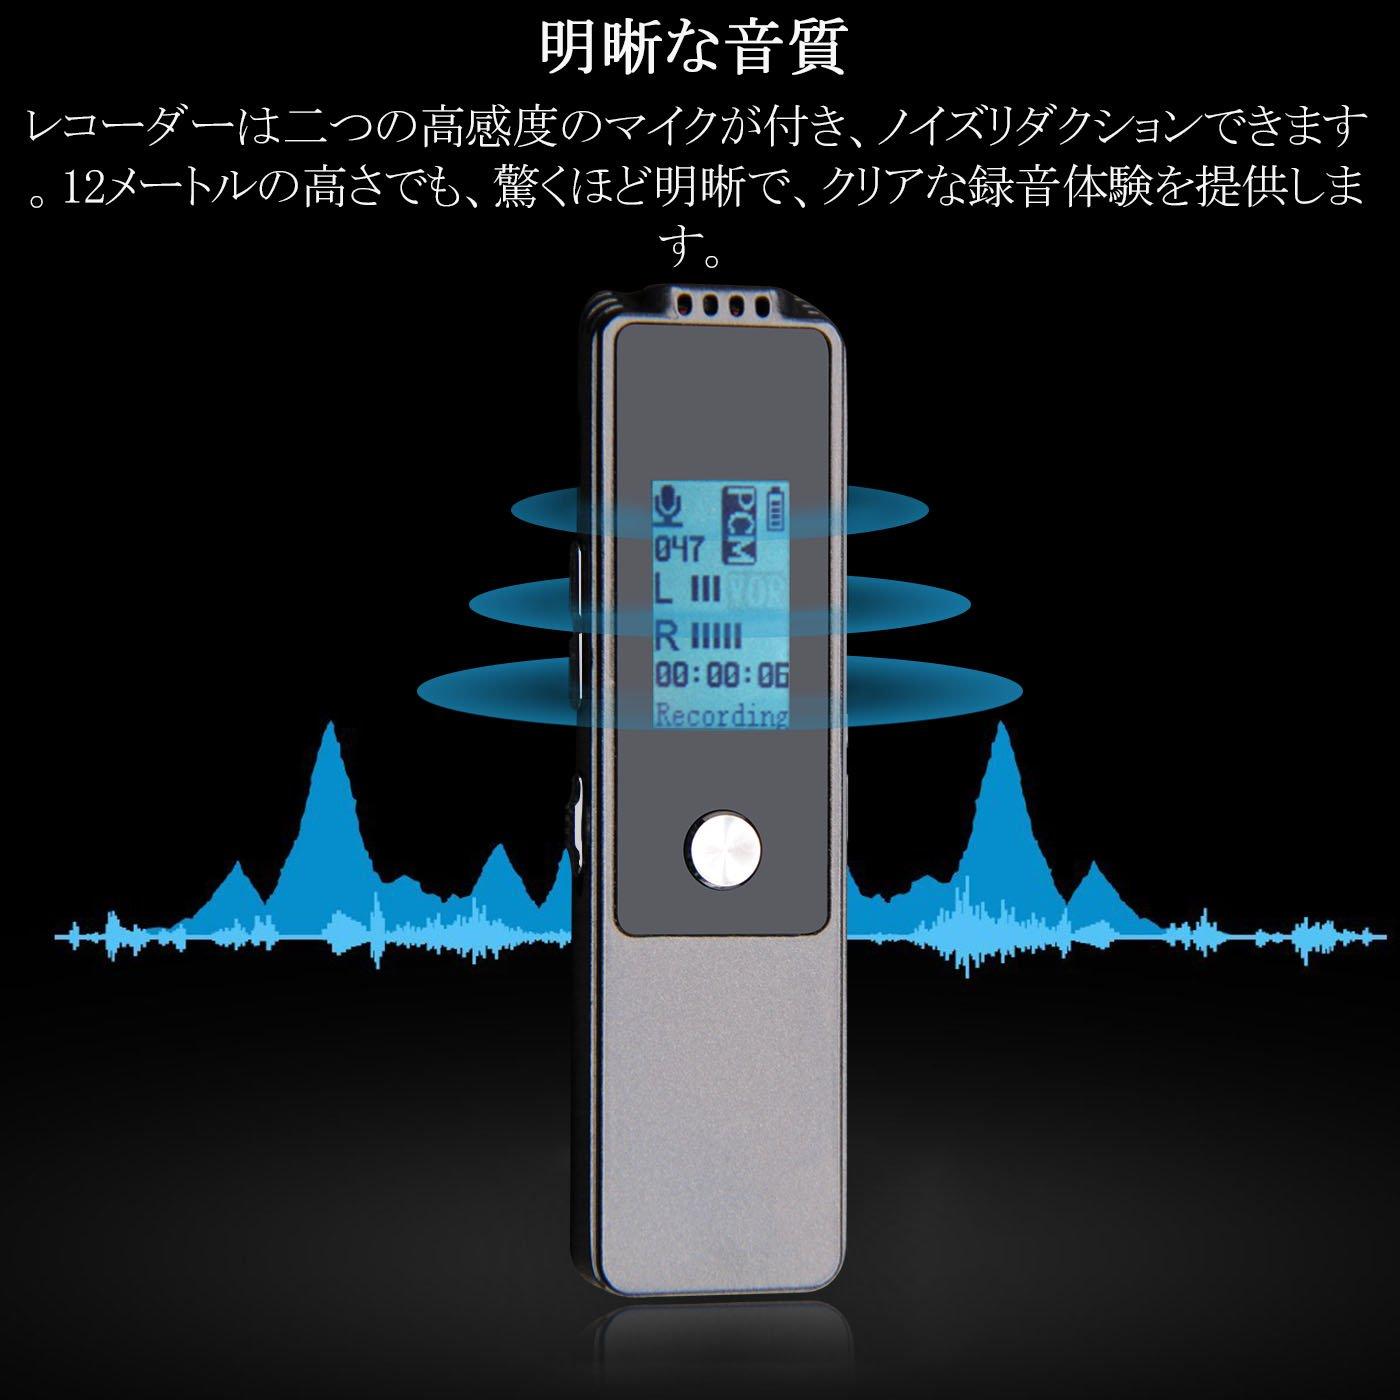 Tragbares Audio & Video Mini T60 16 Gb Professionelle Sprach Aufnahme Gerät Zeit Display Großen Bildschirm Digital Voice Audio Recorder Diktiergerät Mp3 Player Kaufen Sie Immer Gut